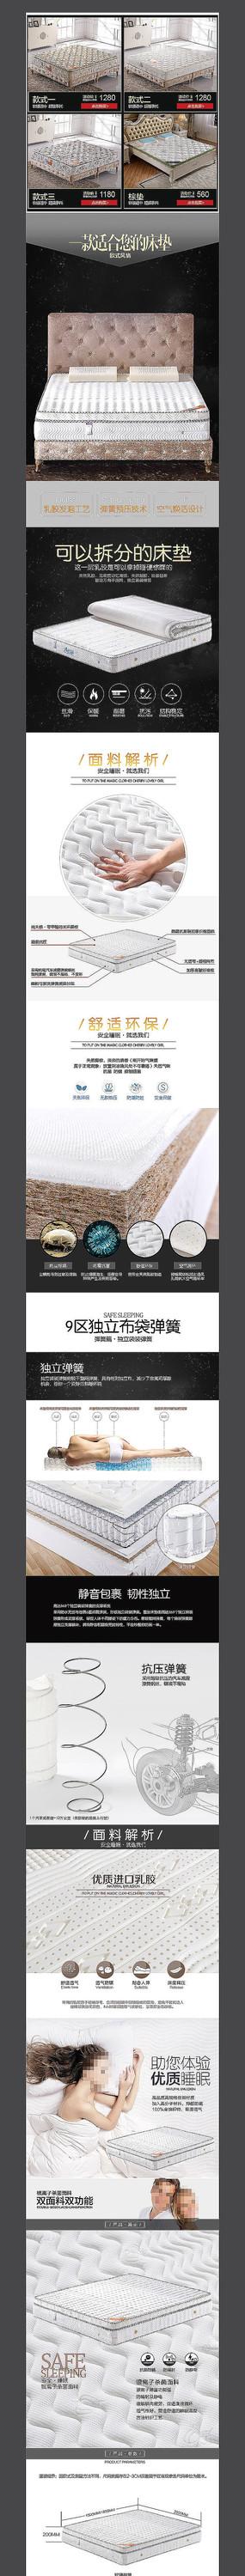 床上用品淘宝详情页设计 PSD